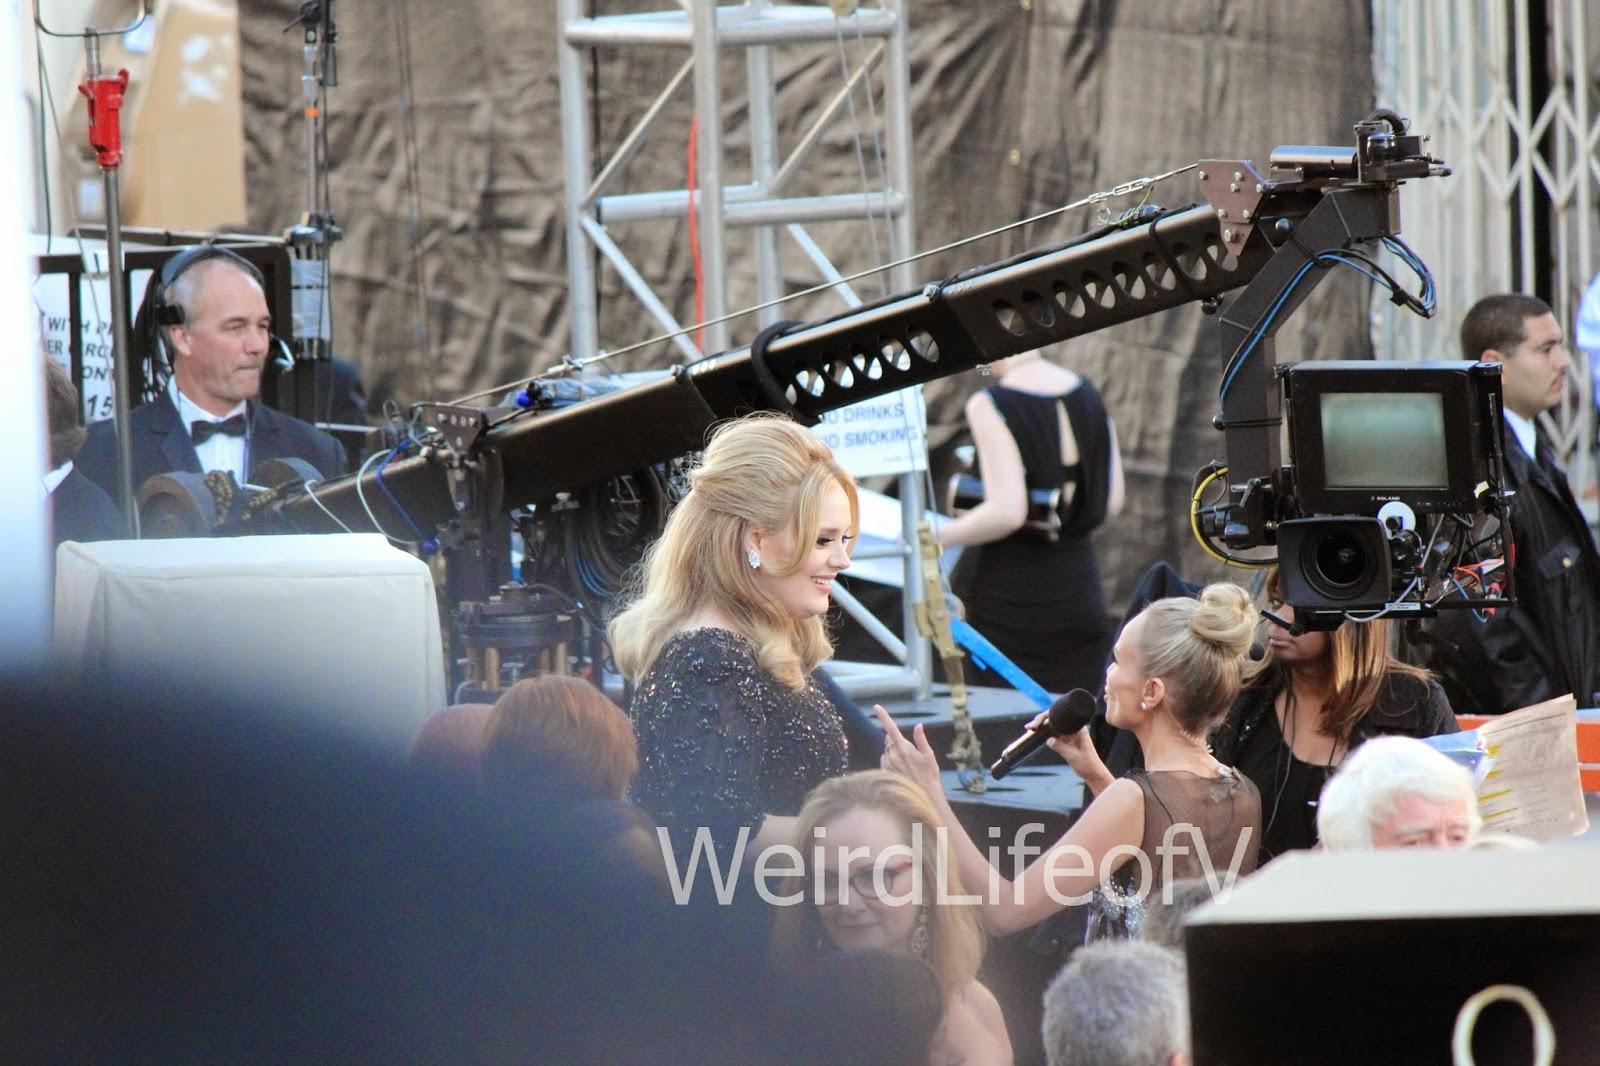 Adele being interviewed by Kristien Chenoweth